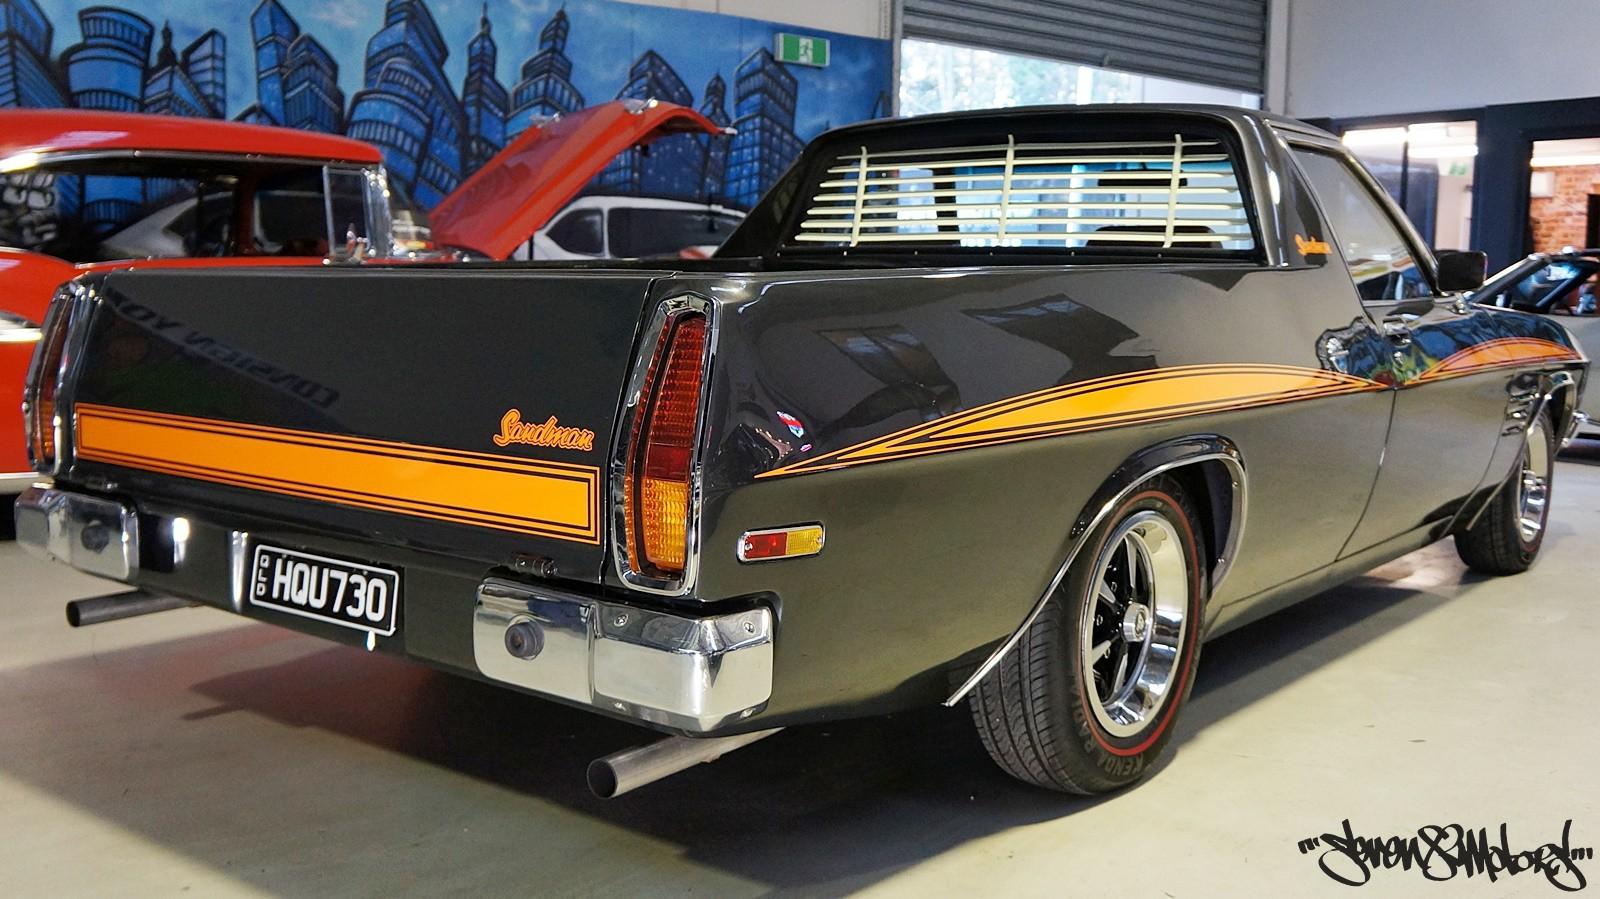 Sold 1973 Holden Hq Ute Seven82motors